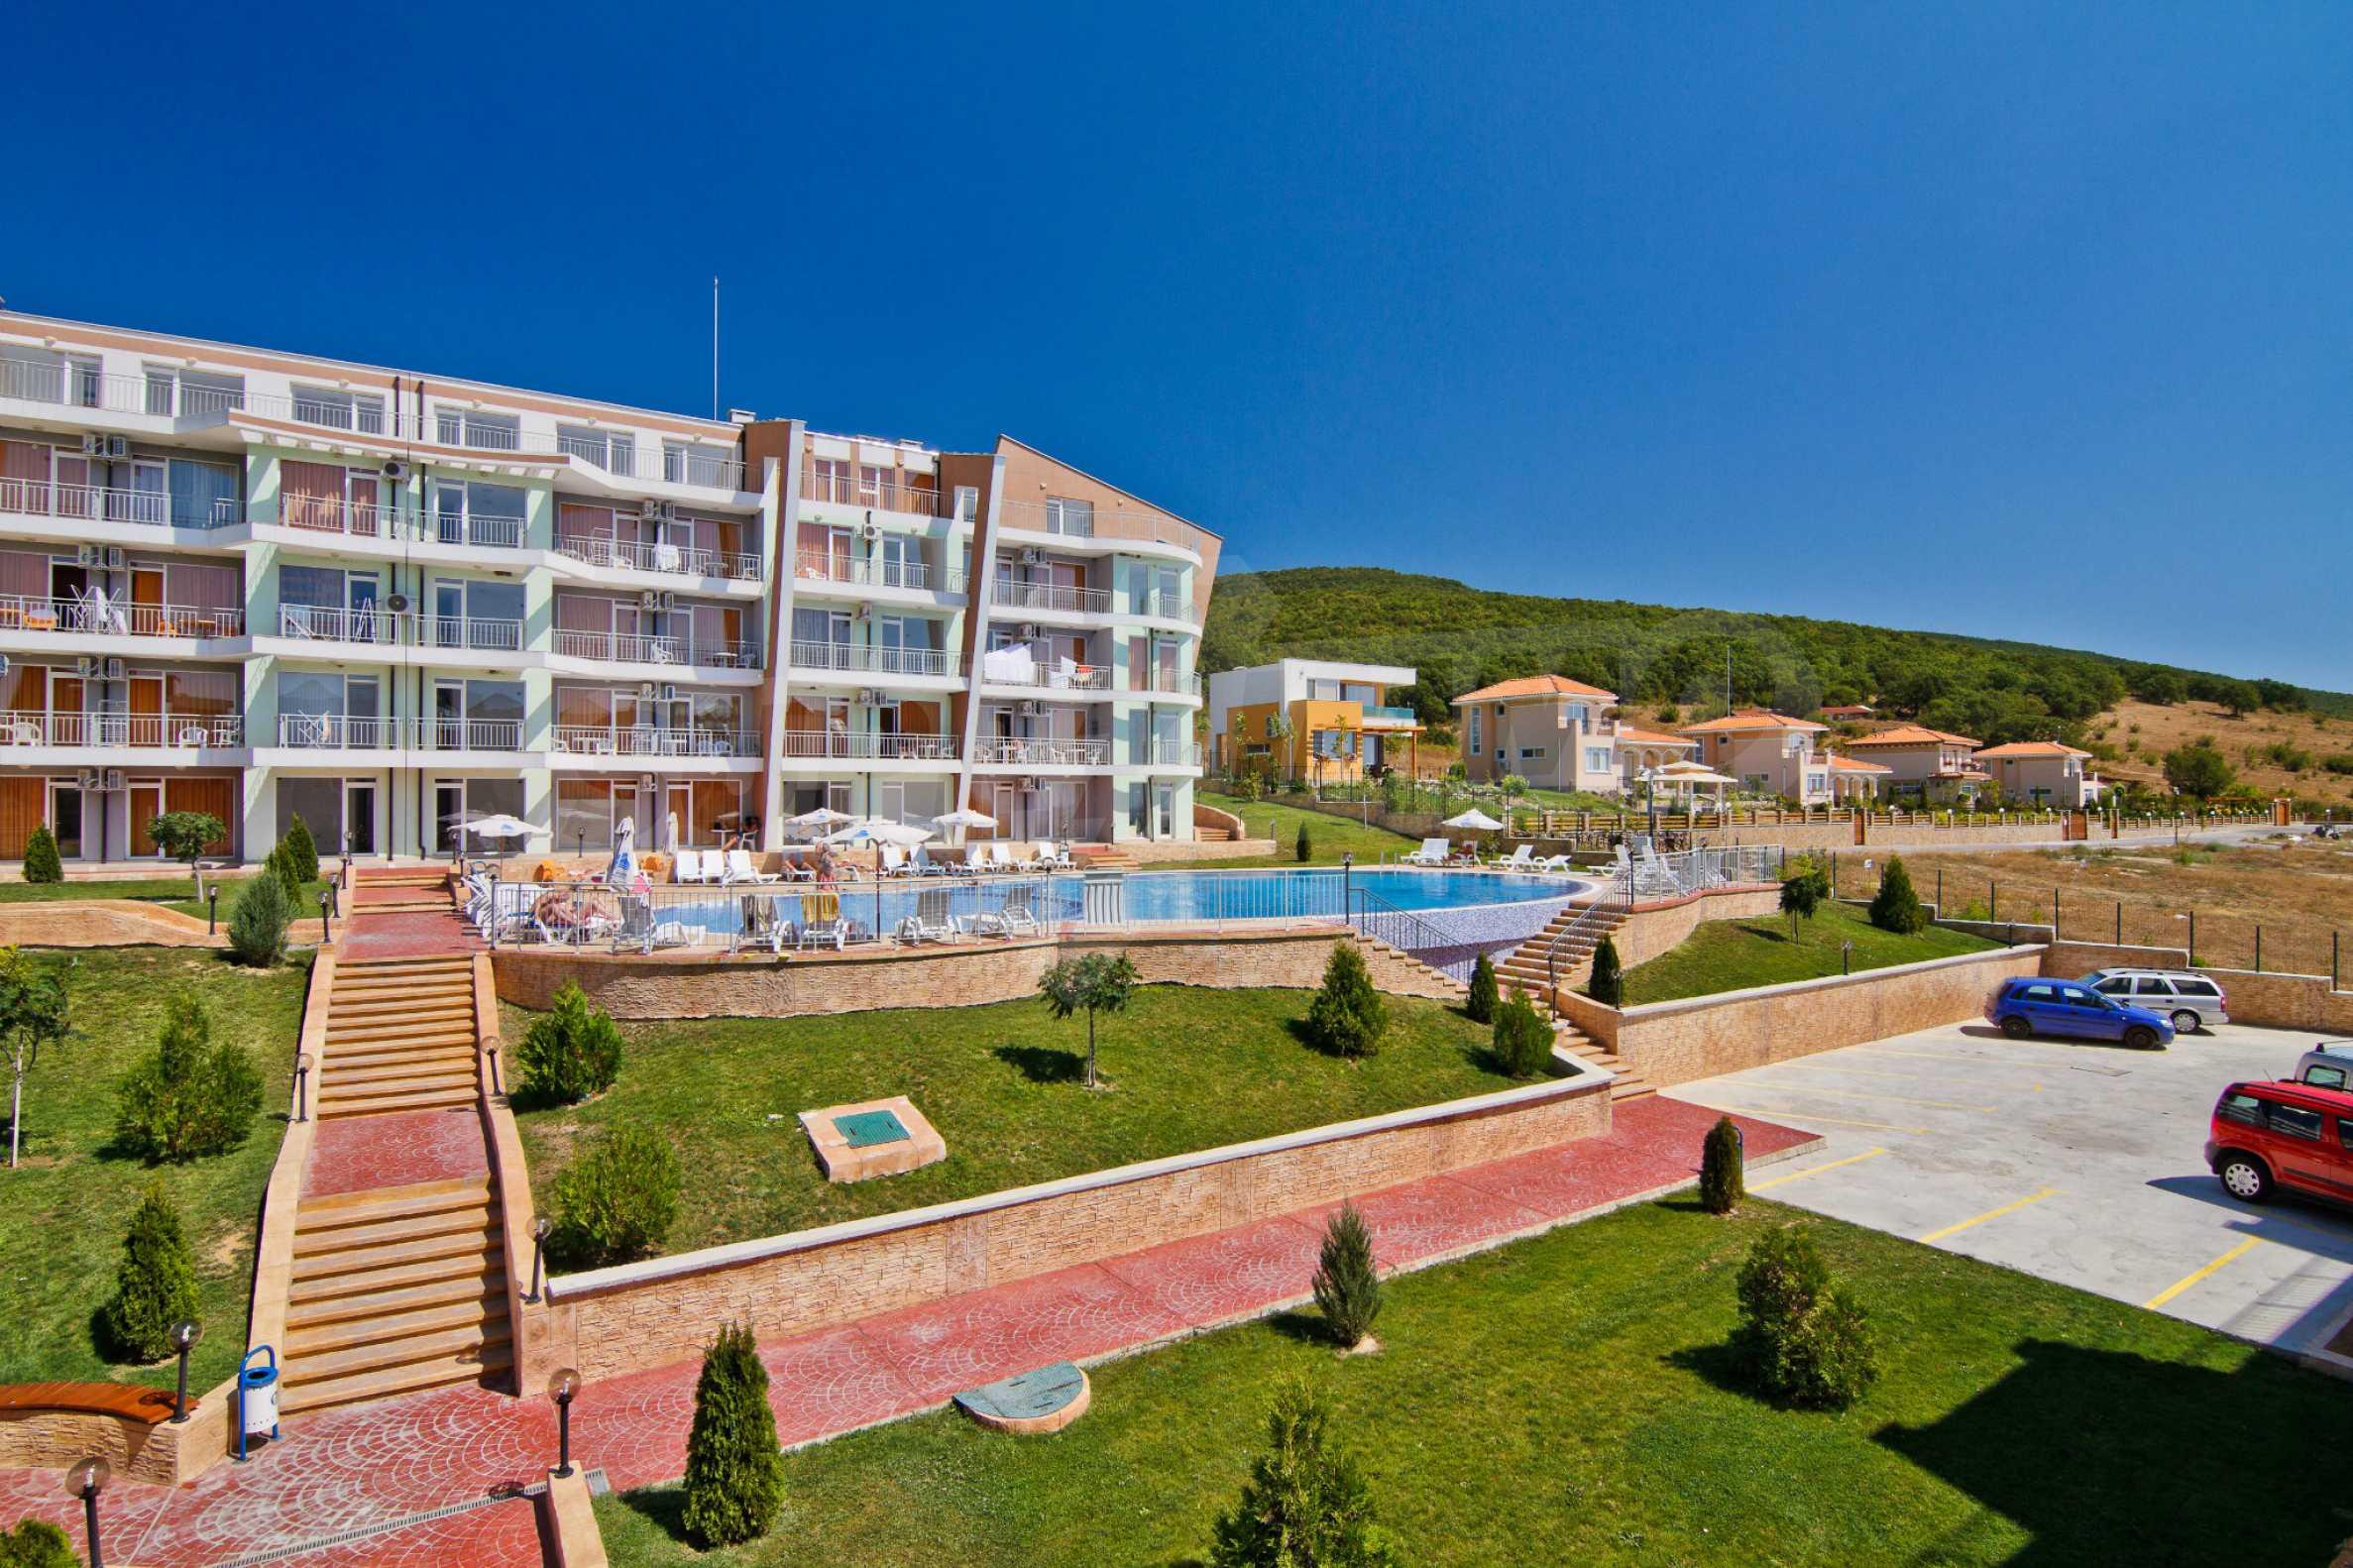 Sunset Kosharitsa - aпартаменти в атрактивен комплекс сред планината и морето, на 5 минути с кола от Слънчев бряг 5